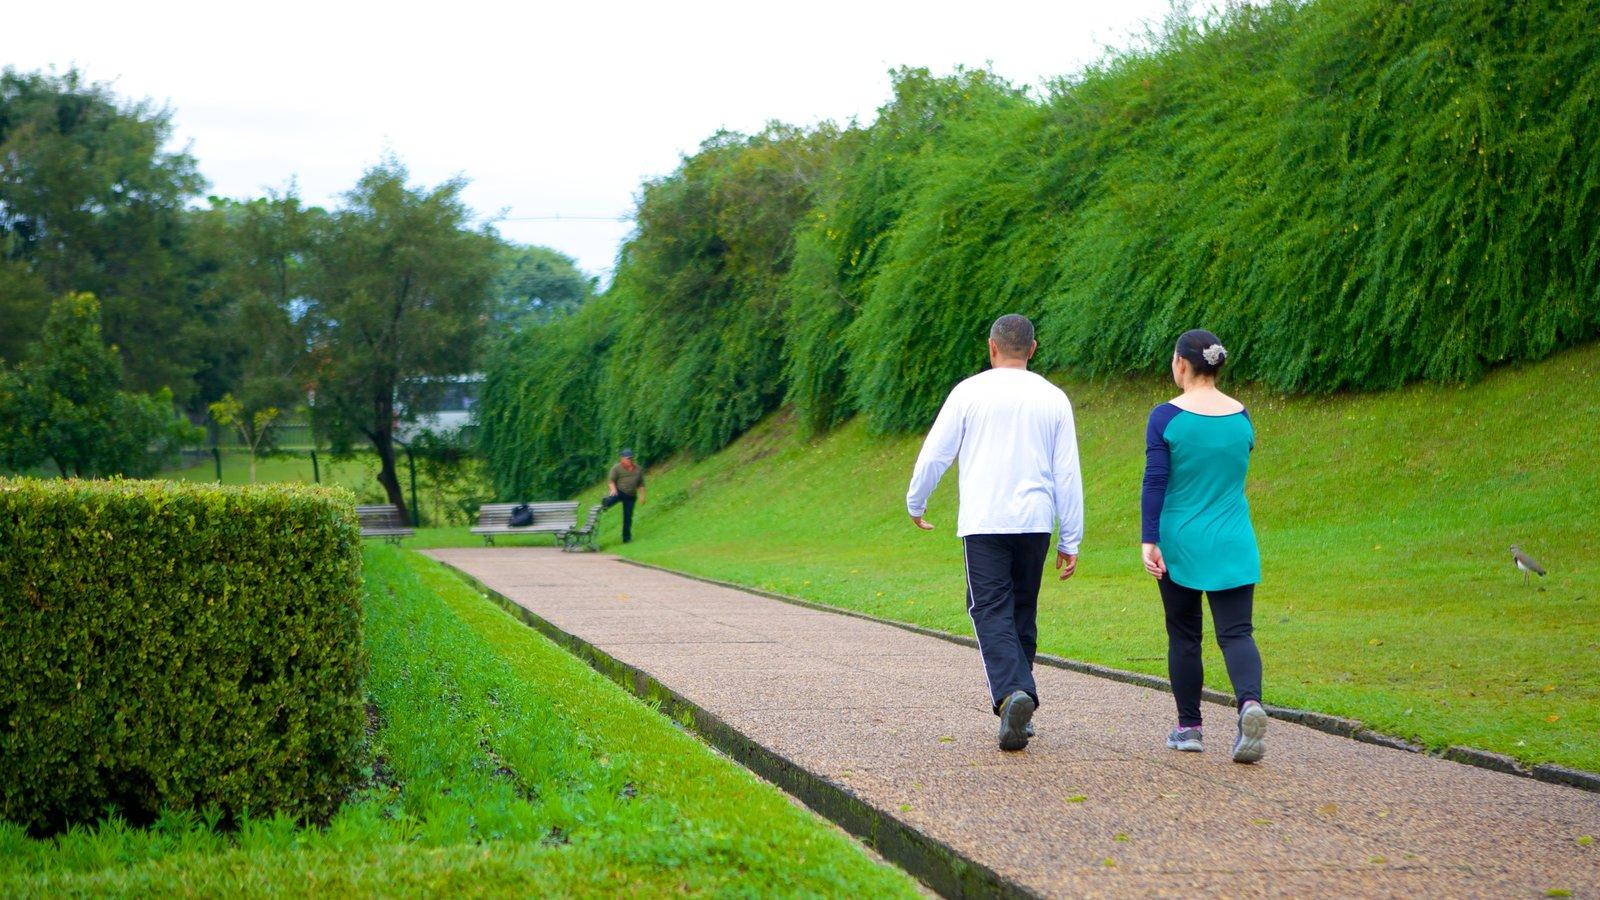 Parque Botânico de Curitiba mostrando um jardim assim como um casal